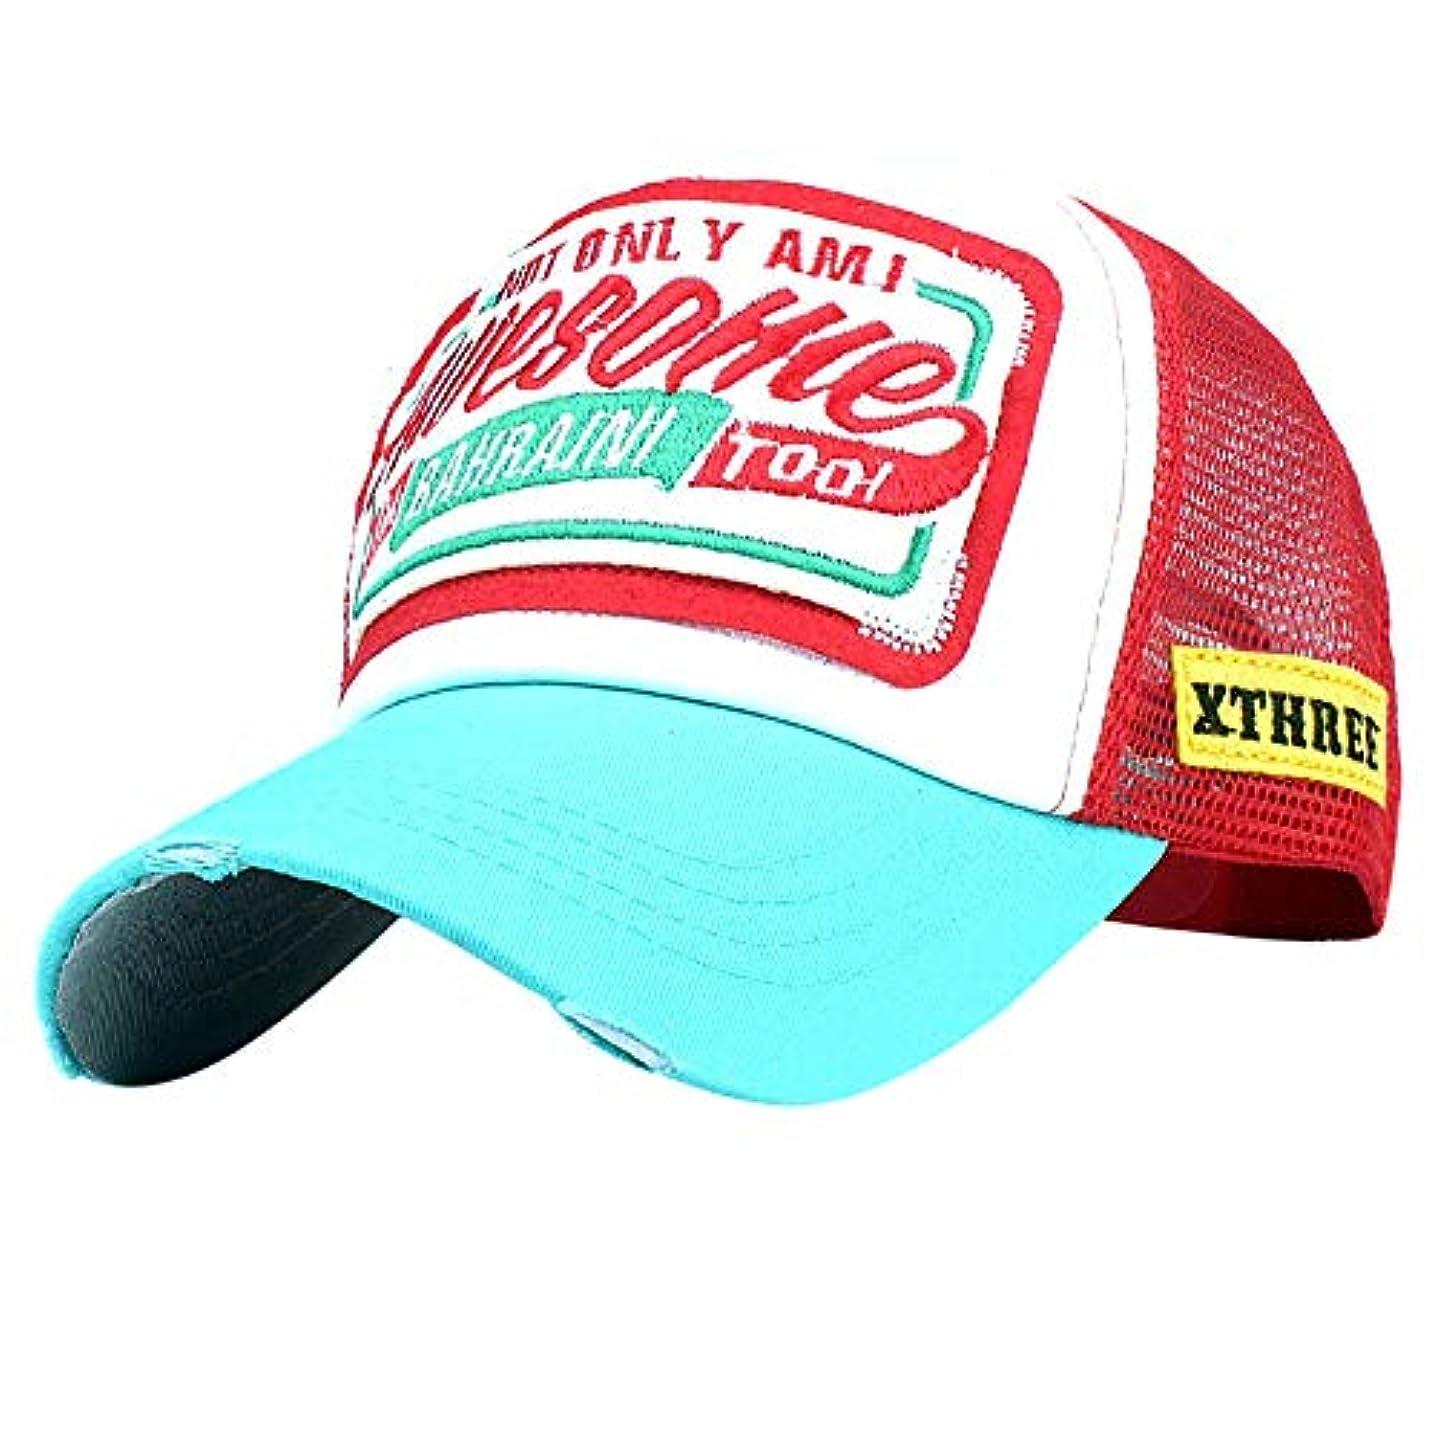 逆友だち黒くするRacazing カモフラージュ 野球帽 ヒップホップ メンズ 夏 登山 帽子 迷彩 可調整可能 プラスベルベット 棒球帽 UV 帽子 UVカット軽量 屋外 Unisex 鸭舌帽 Hat Cap